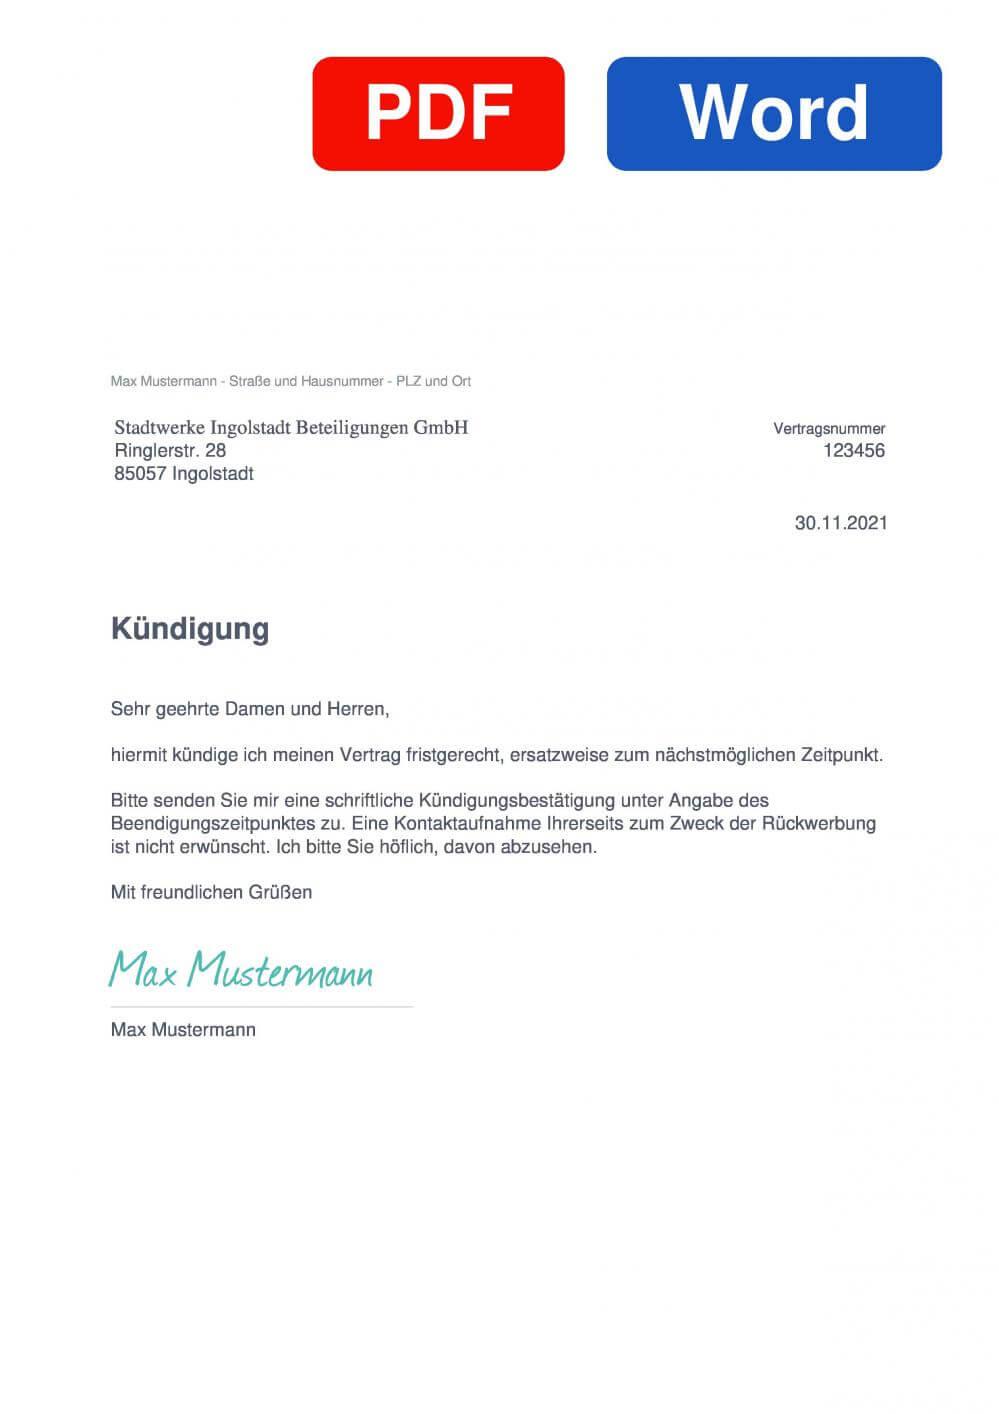 Stadtwerke Ingolstadt Muster Vorlage für Kündigungsschreiben